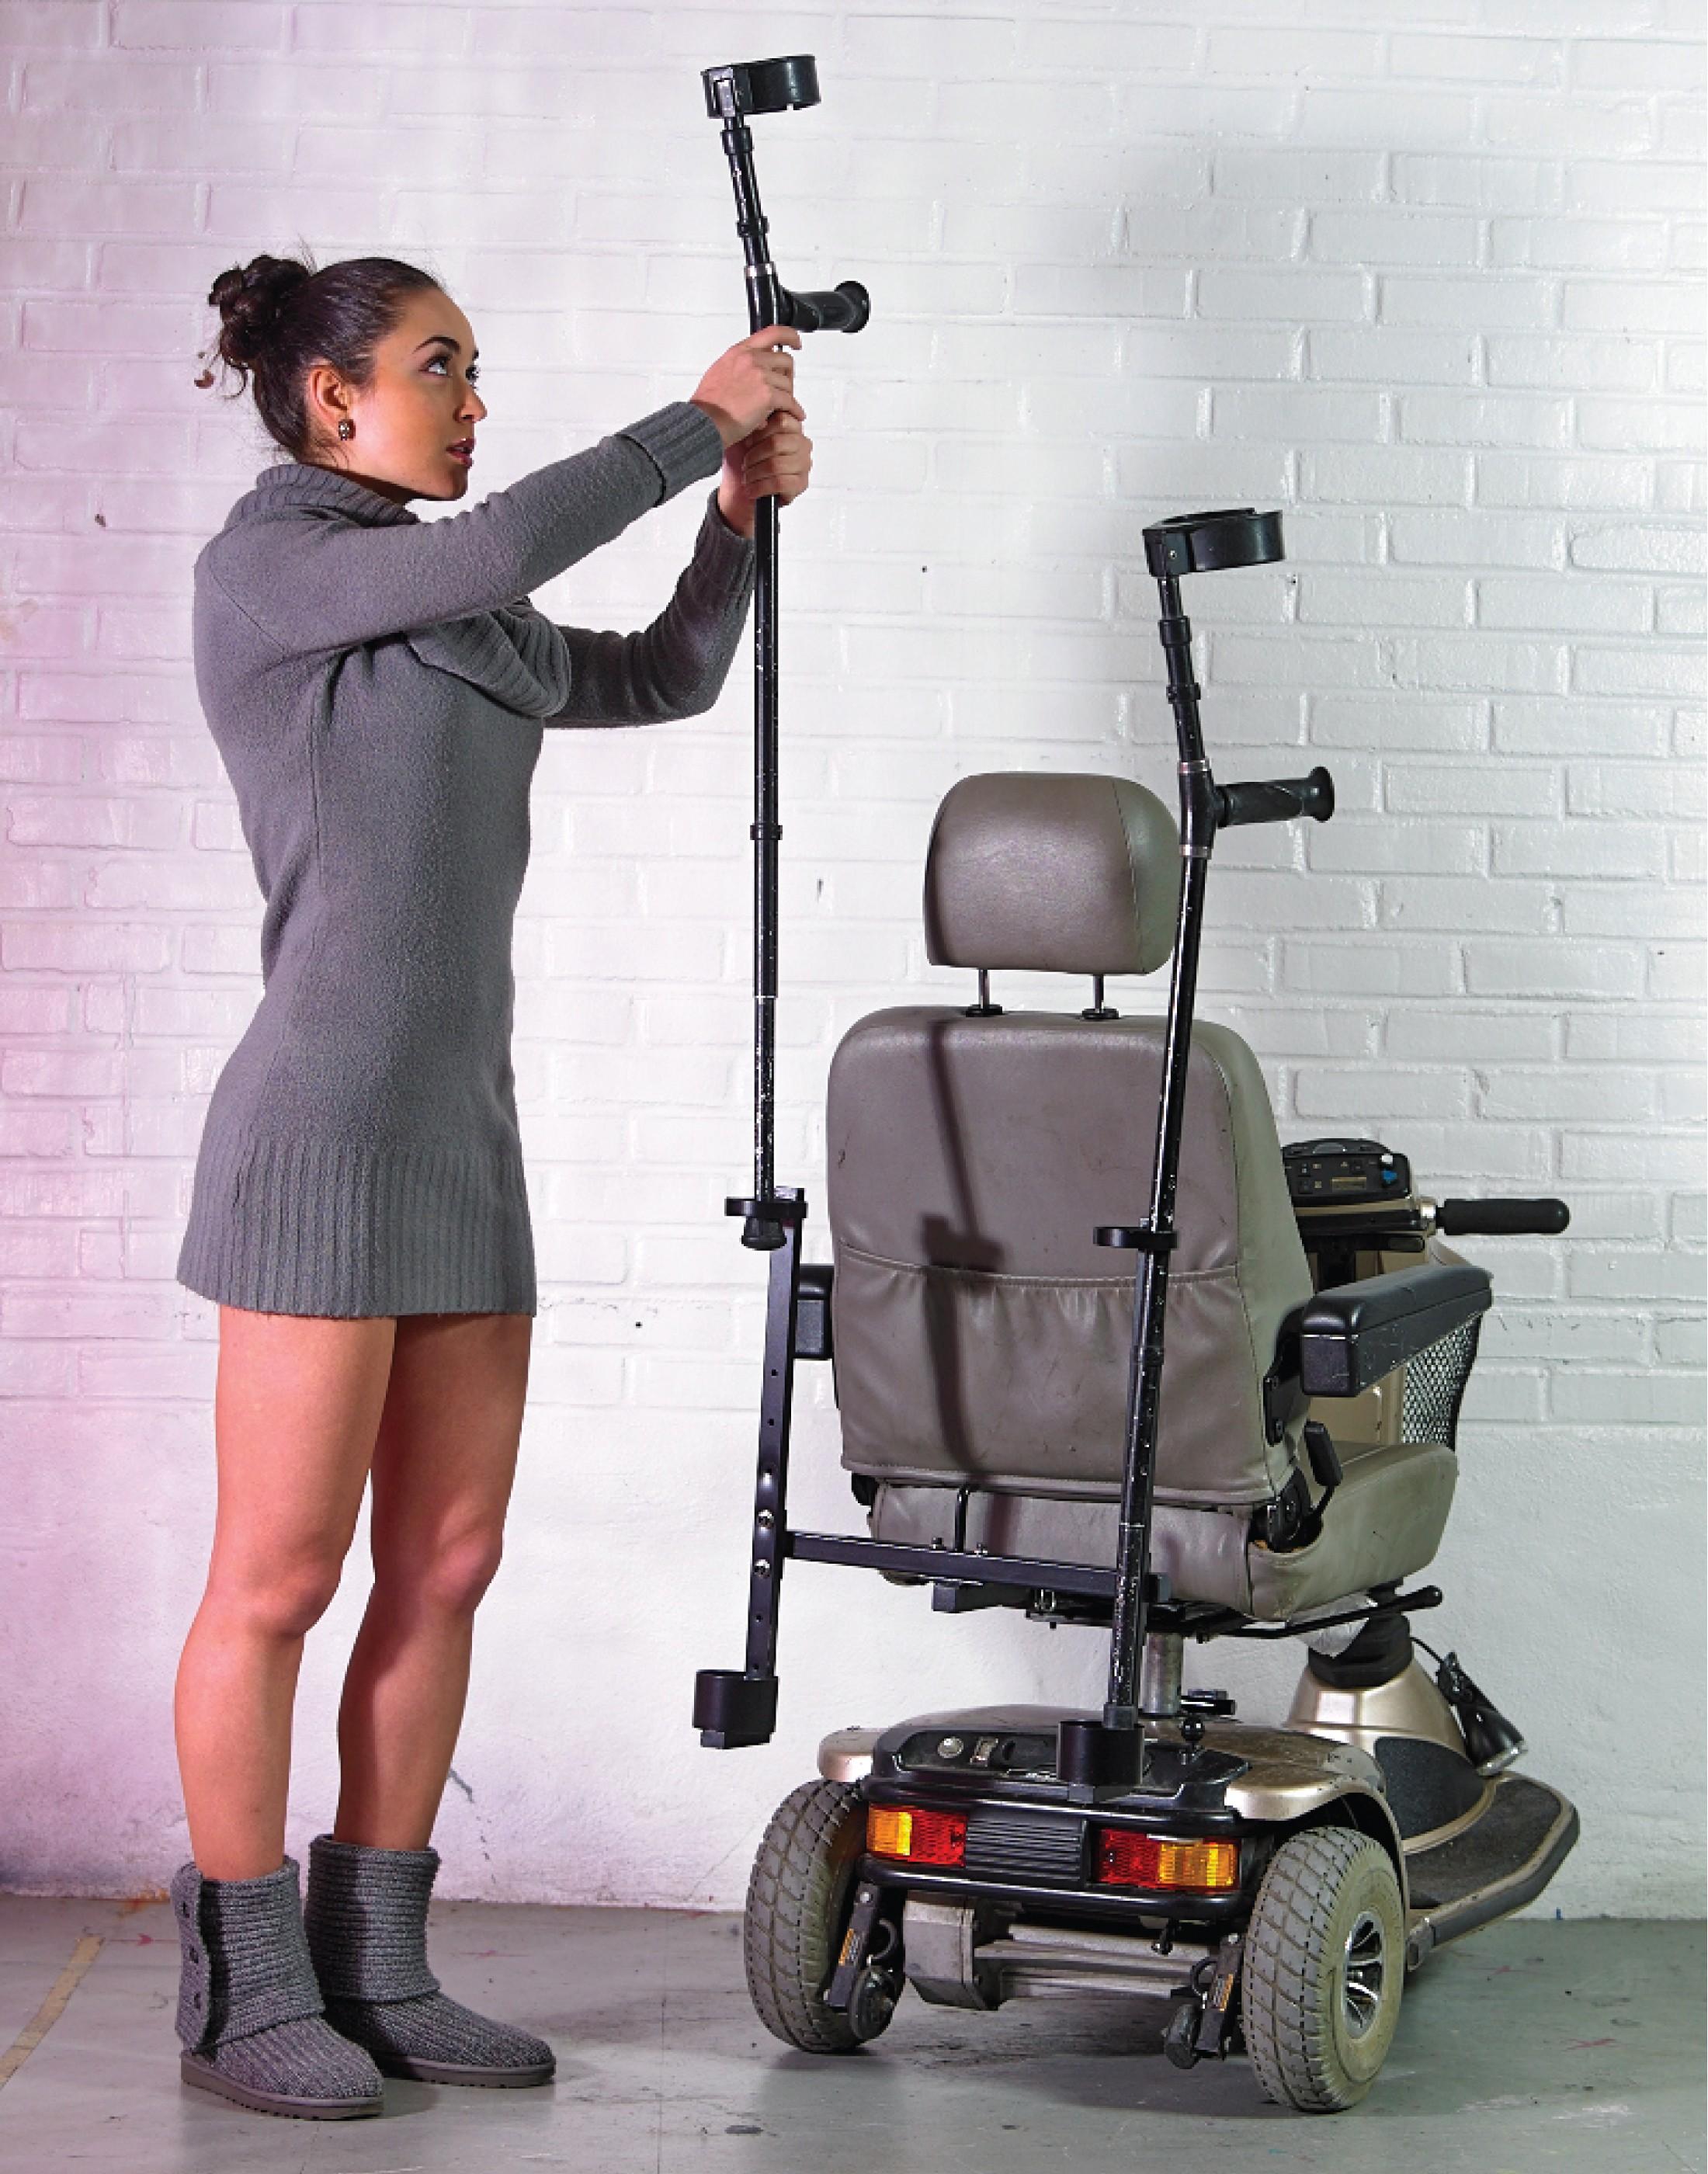 crutches2.jpg